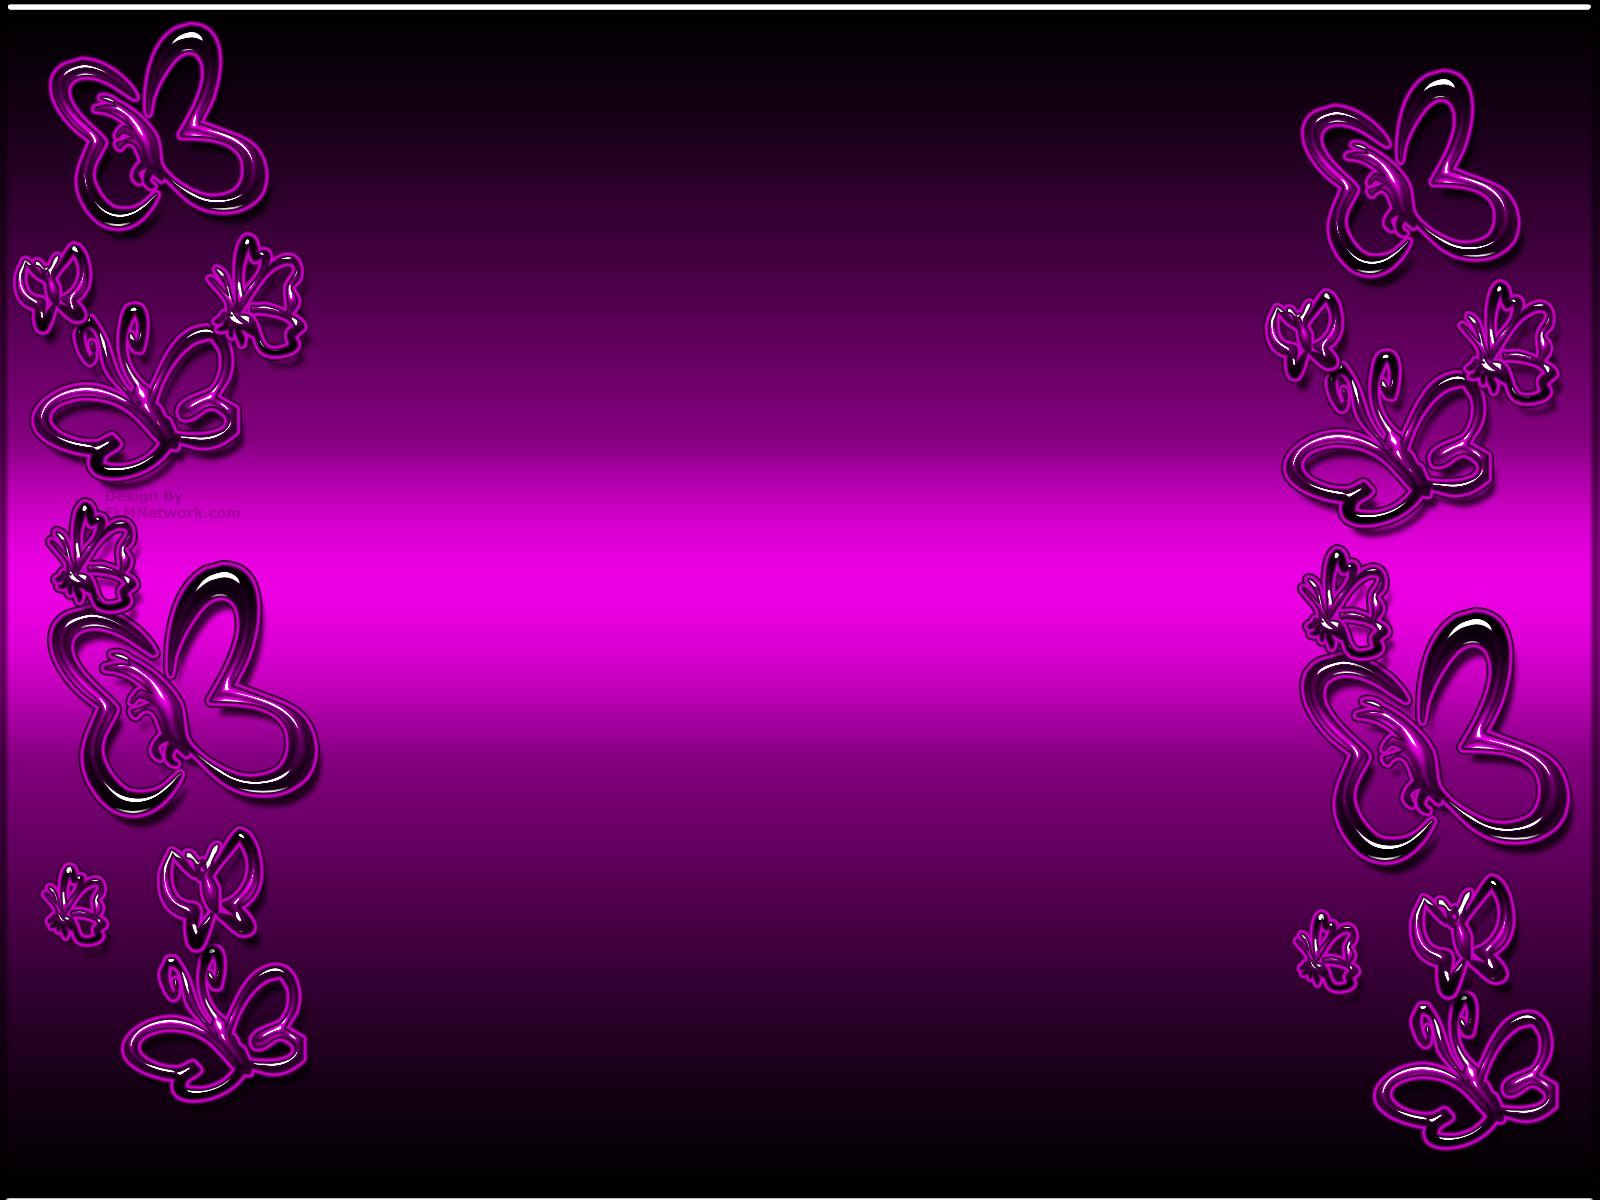 purple backgroundwallpapers twitter purple background butterfl 1600x1200